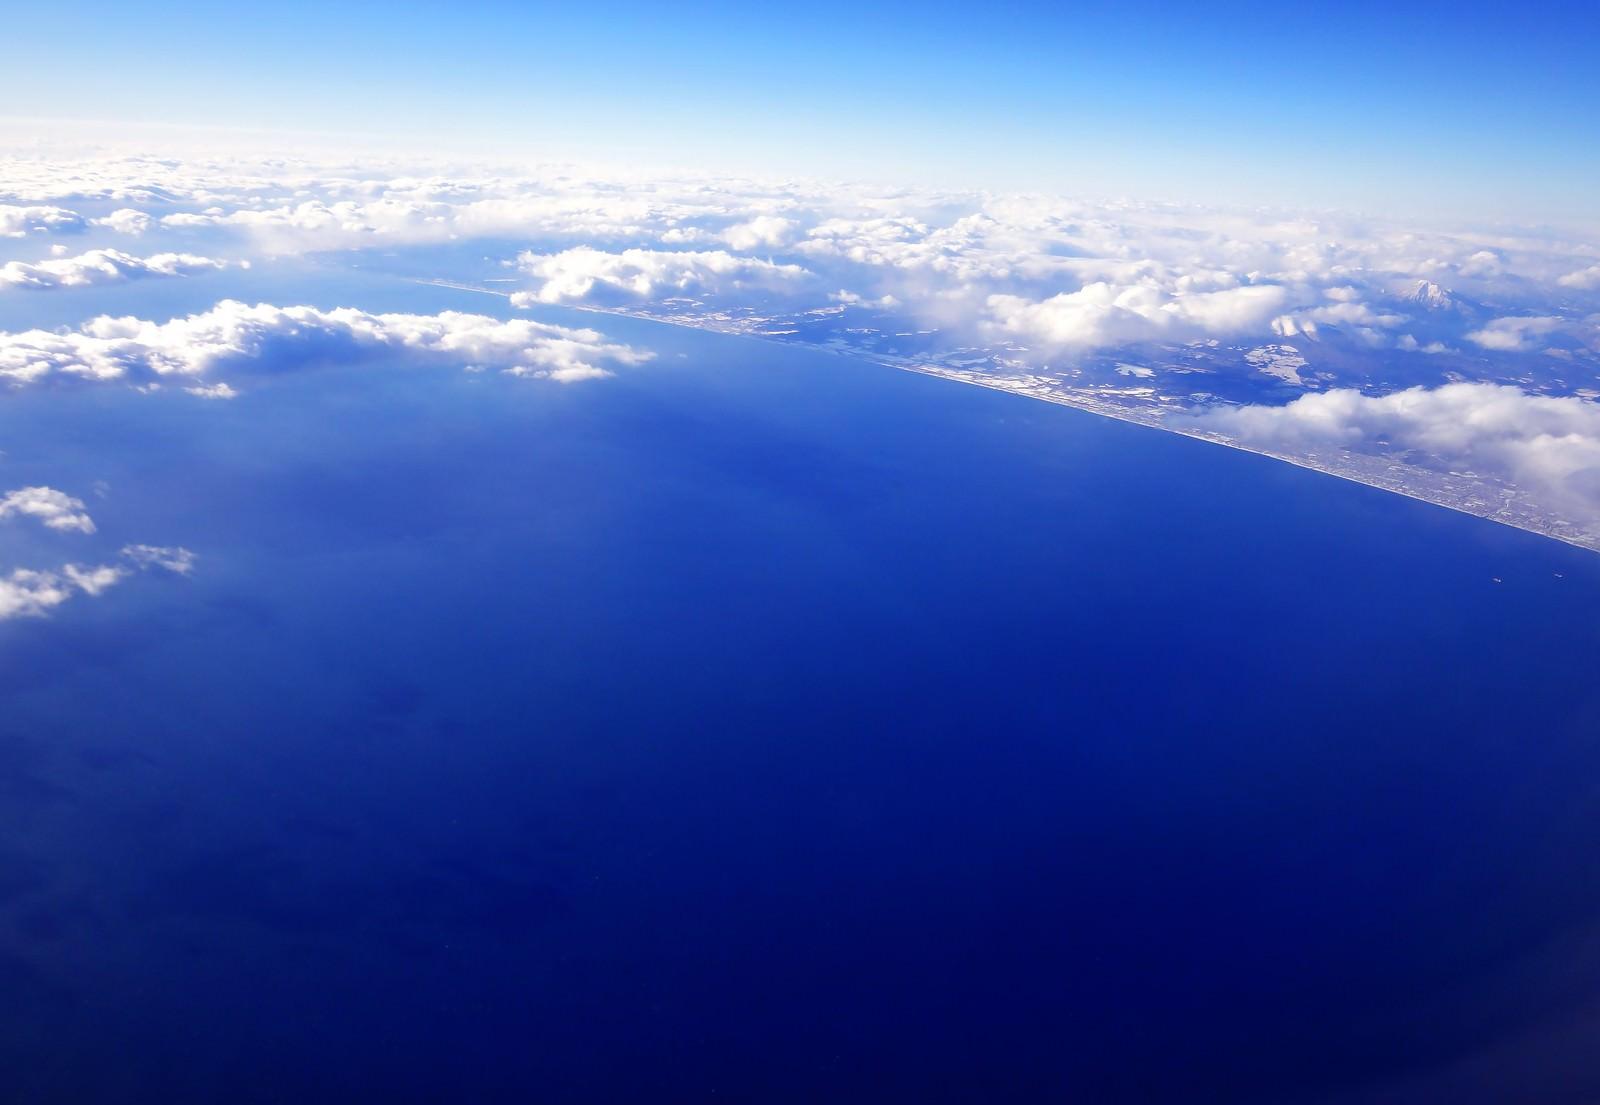 「空からの眺め空からの眺め」のフリー写真素材を拡大